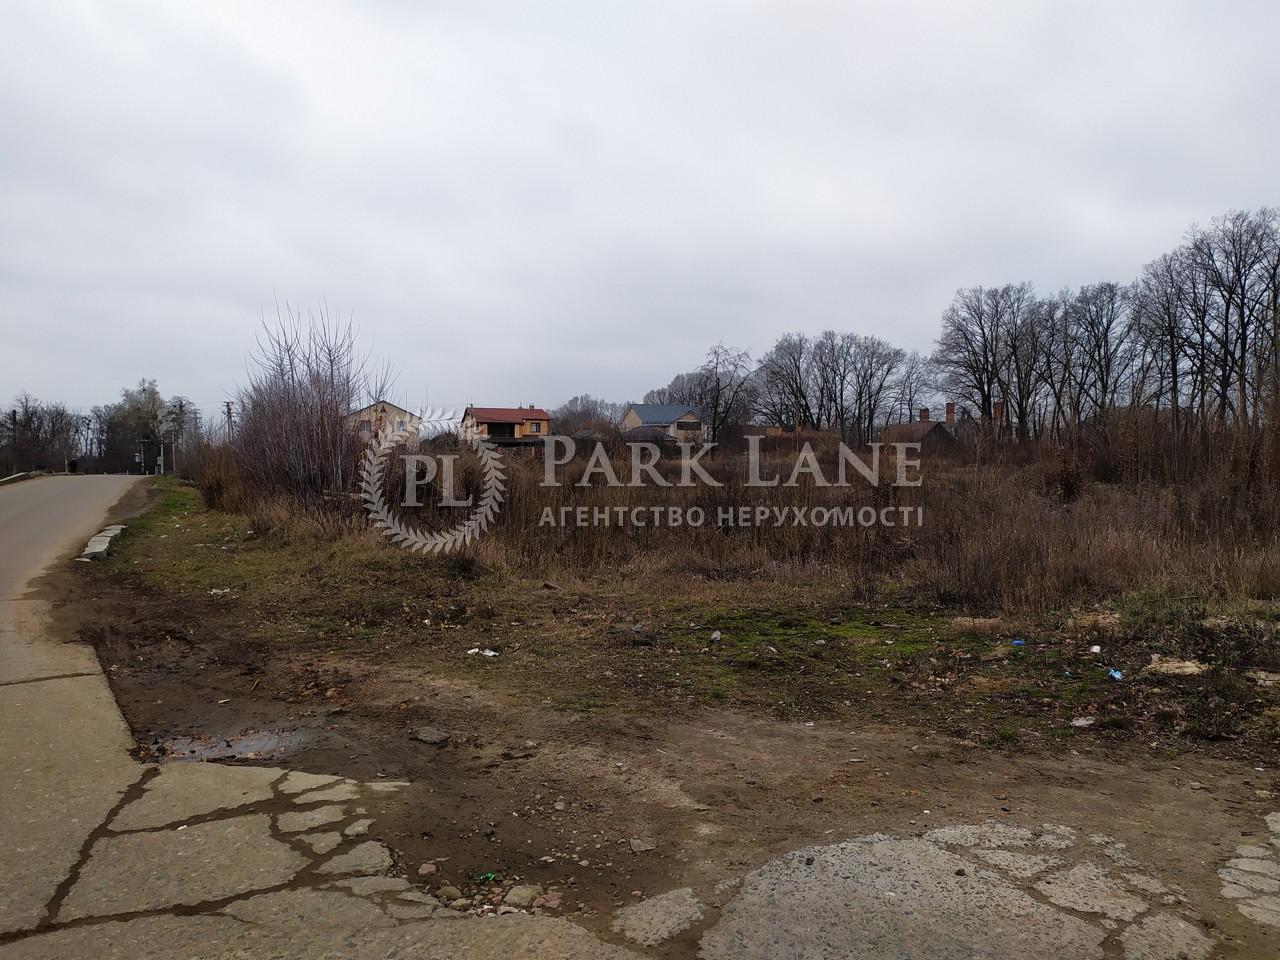 Земельна ділянка вул. Садова, Хотів, R-30658 - Фото 1